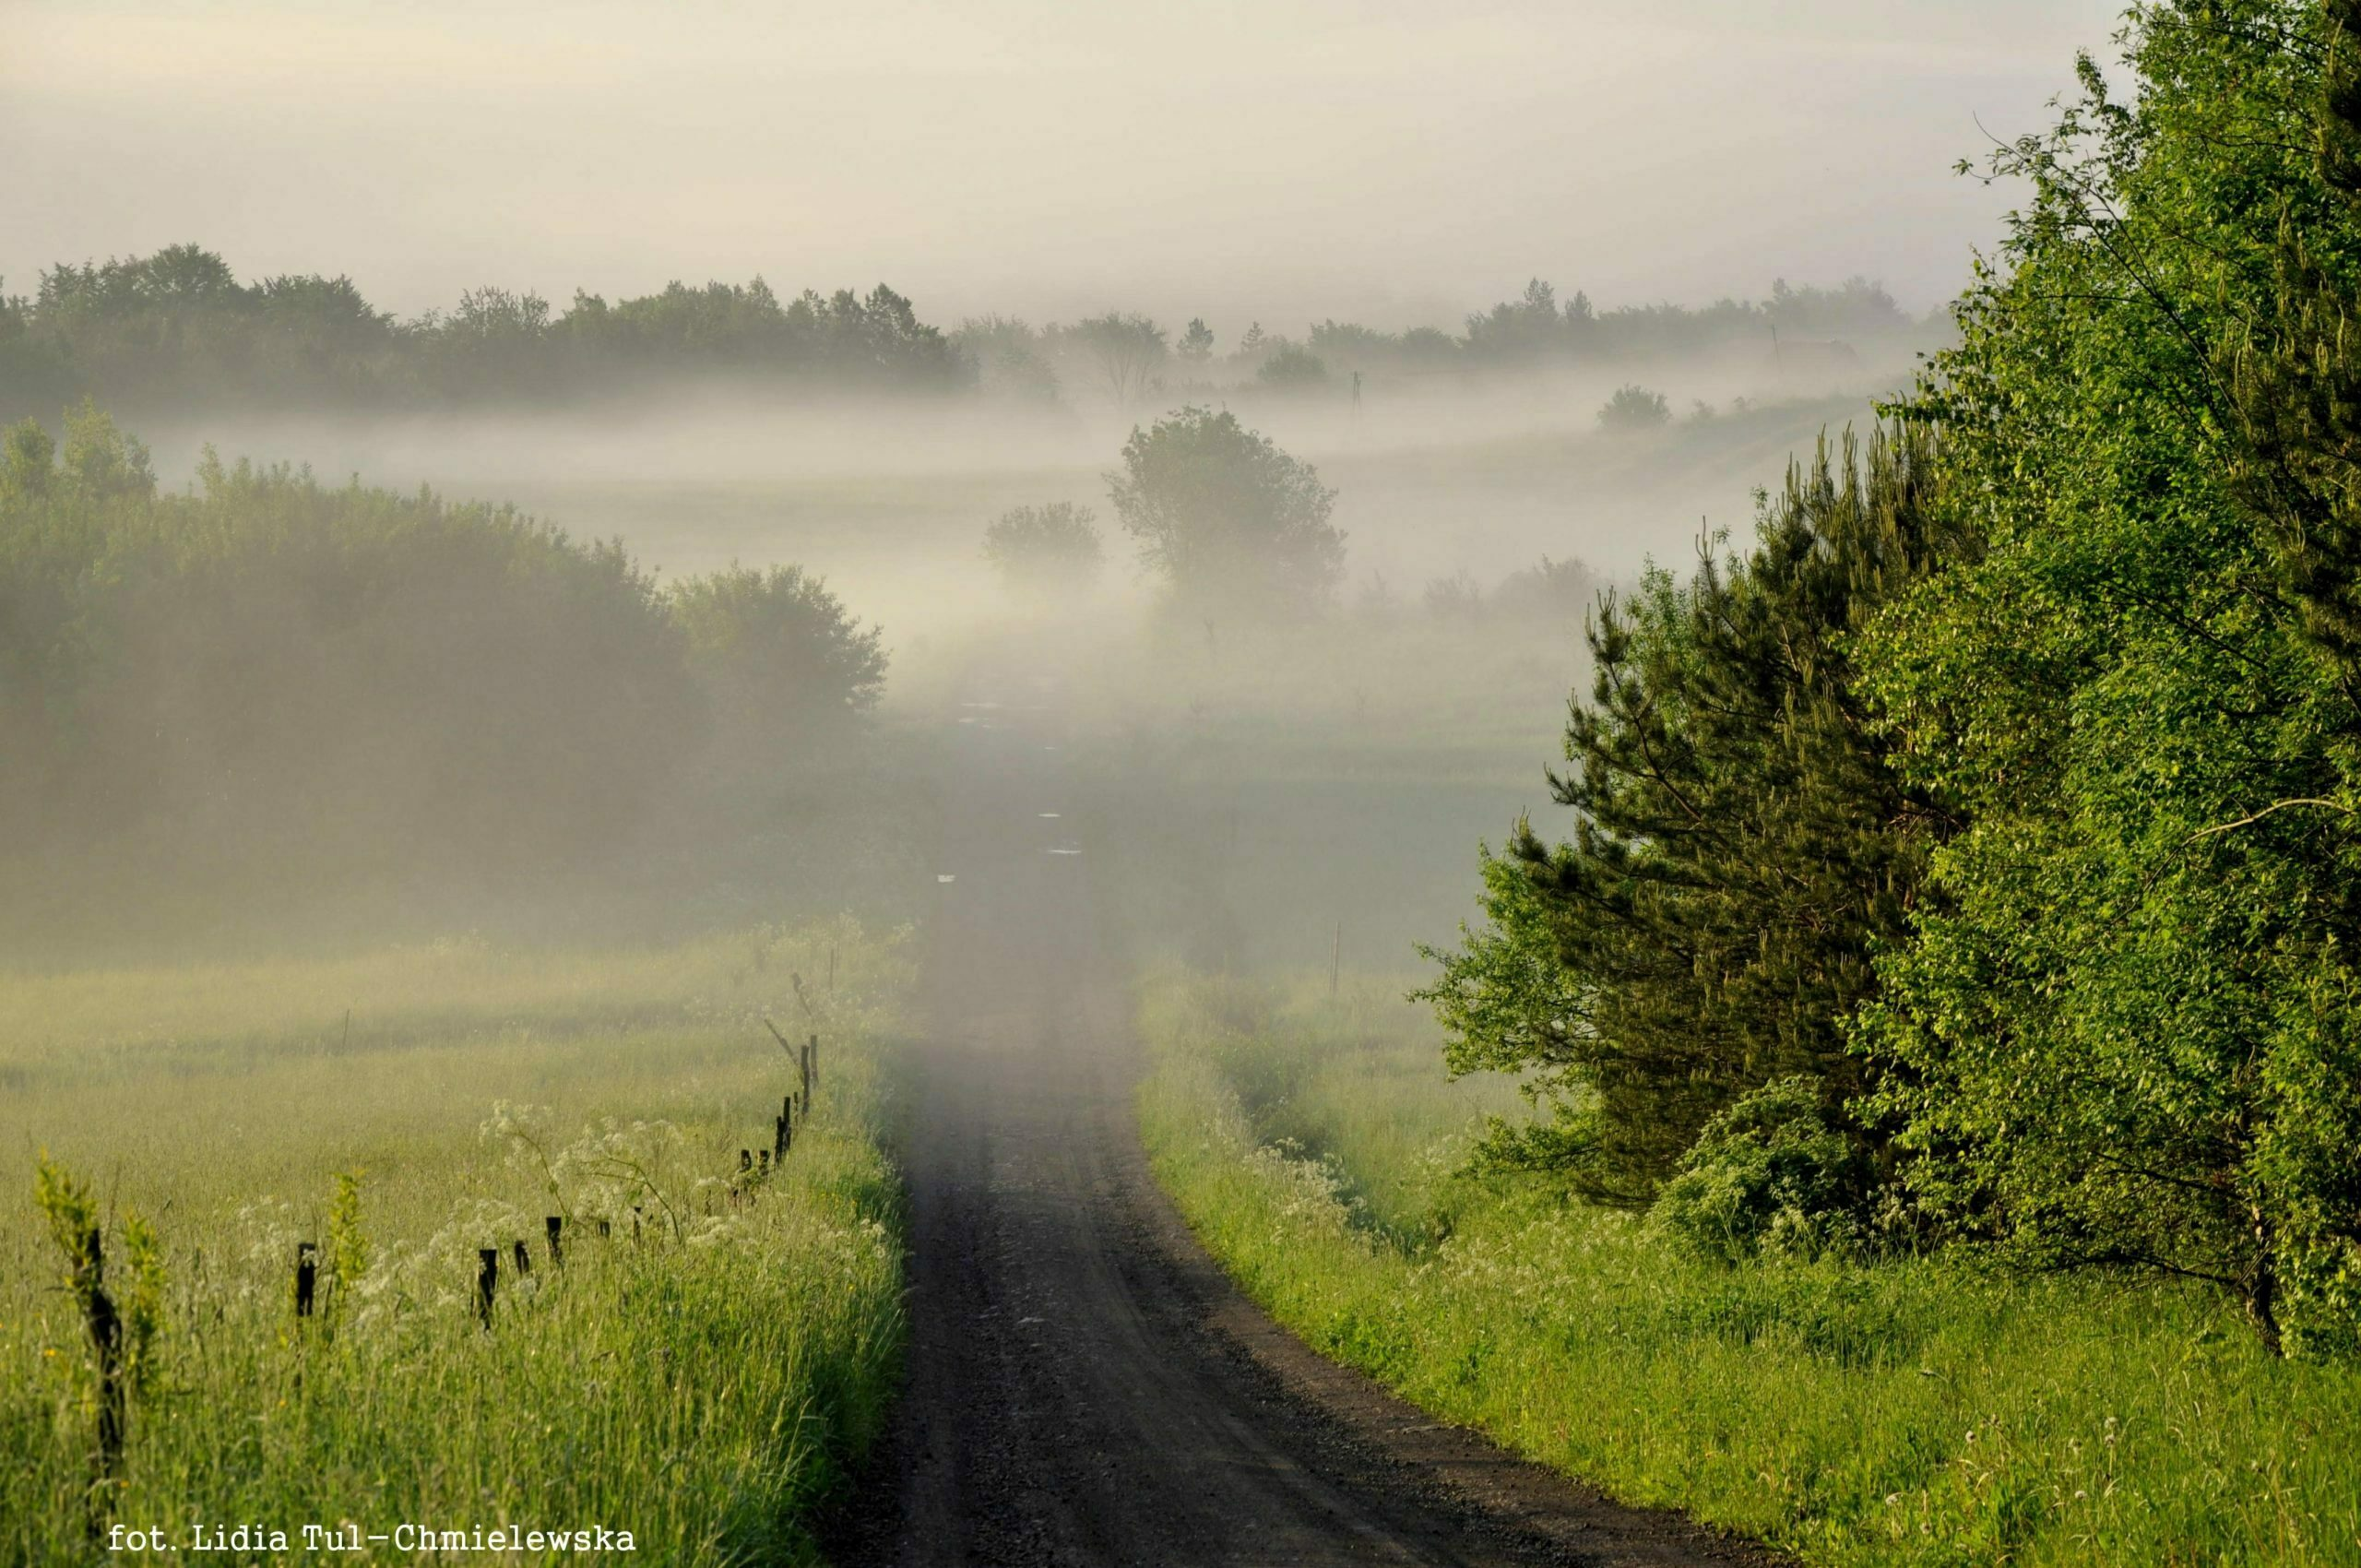 Bieszczadzkie drogi i bezdroża fot. Lidia Tul-Chmielewska